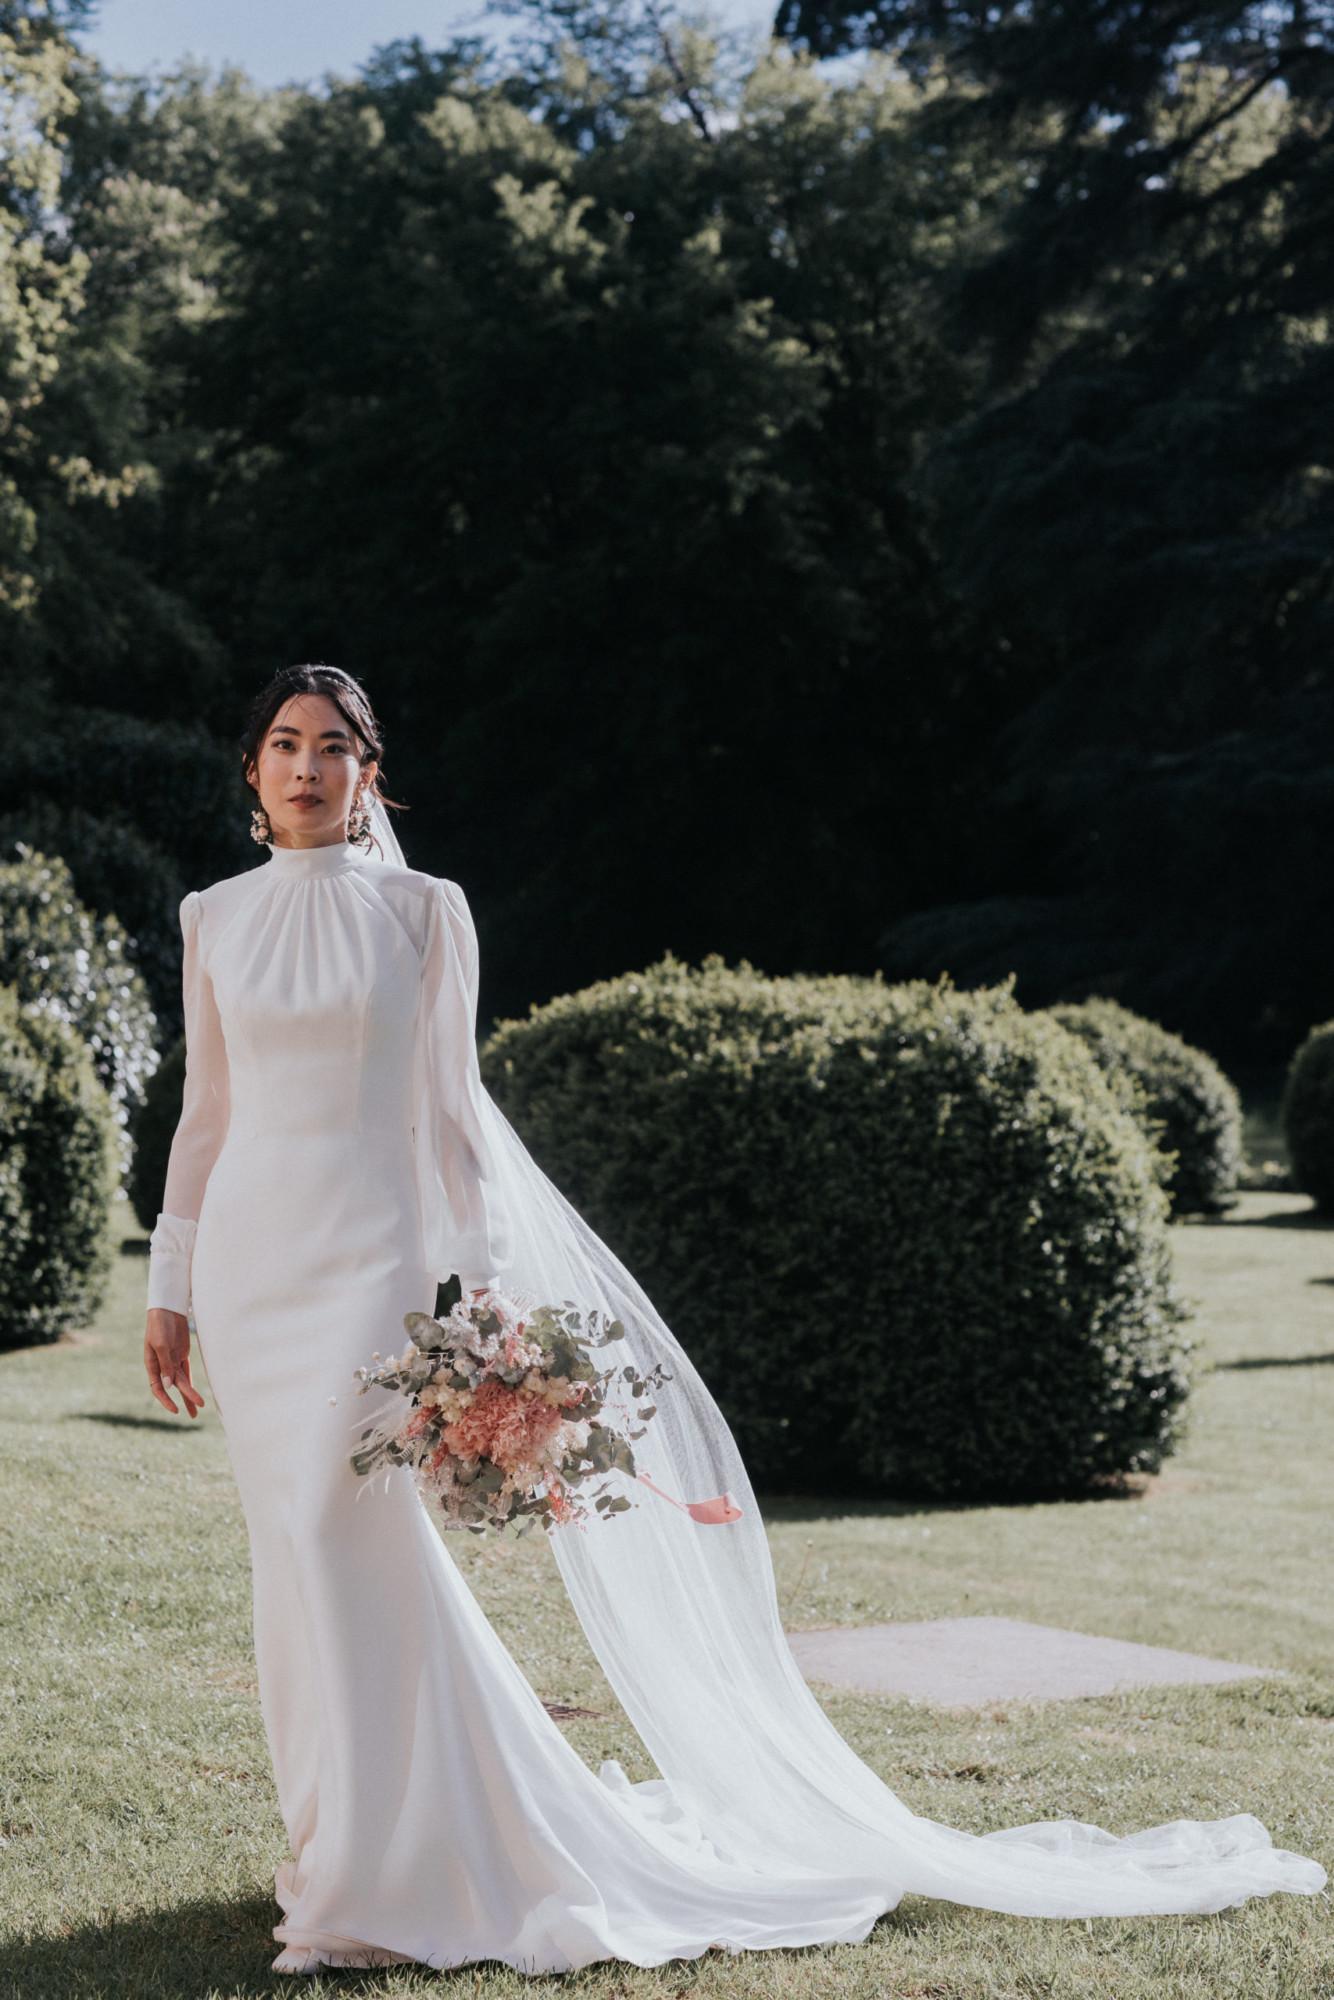 mariage luxe, mariage élégant, mariage raffinée, bouquet de mariée, fleuriste mariage paris